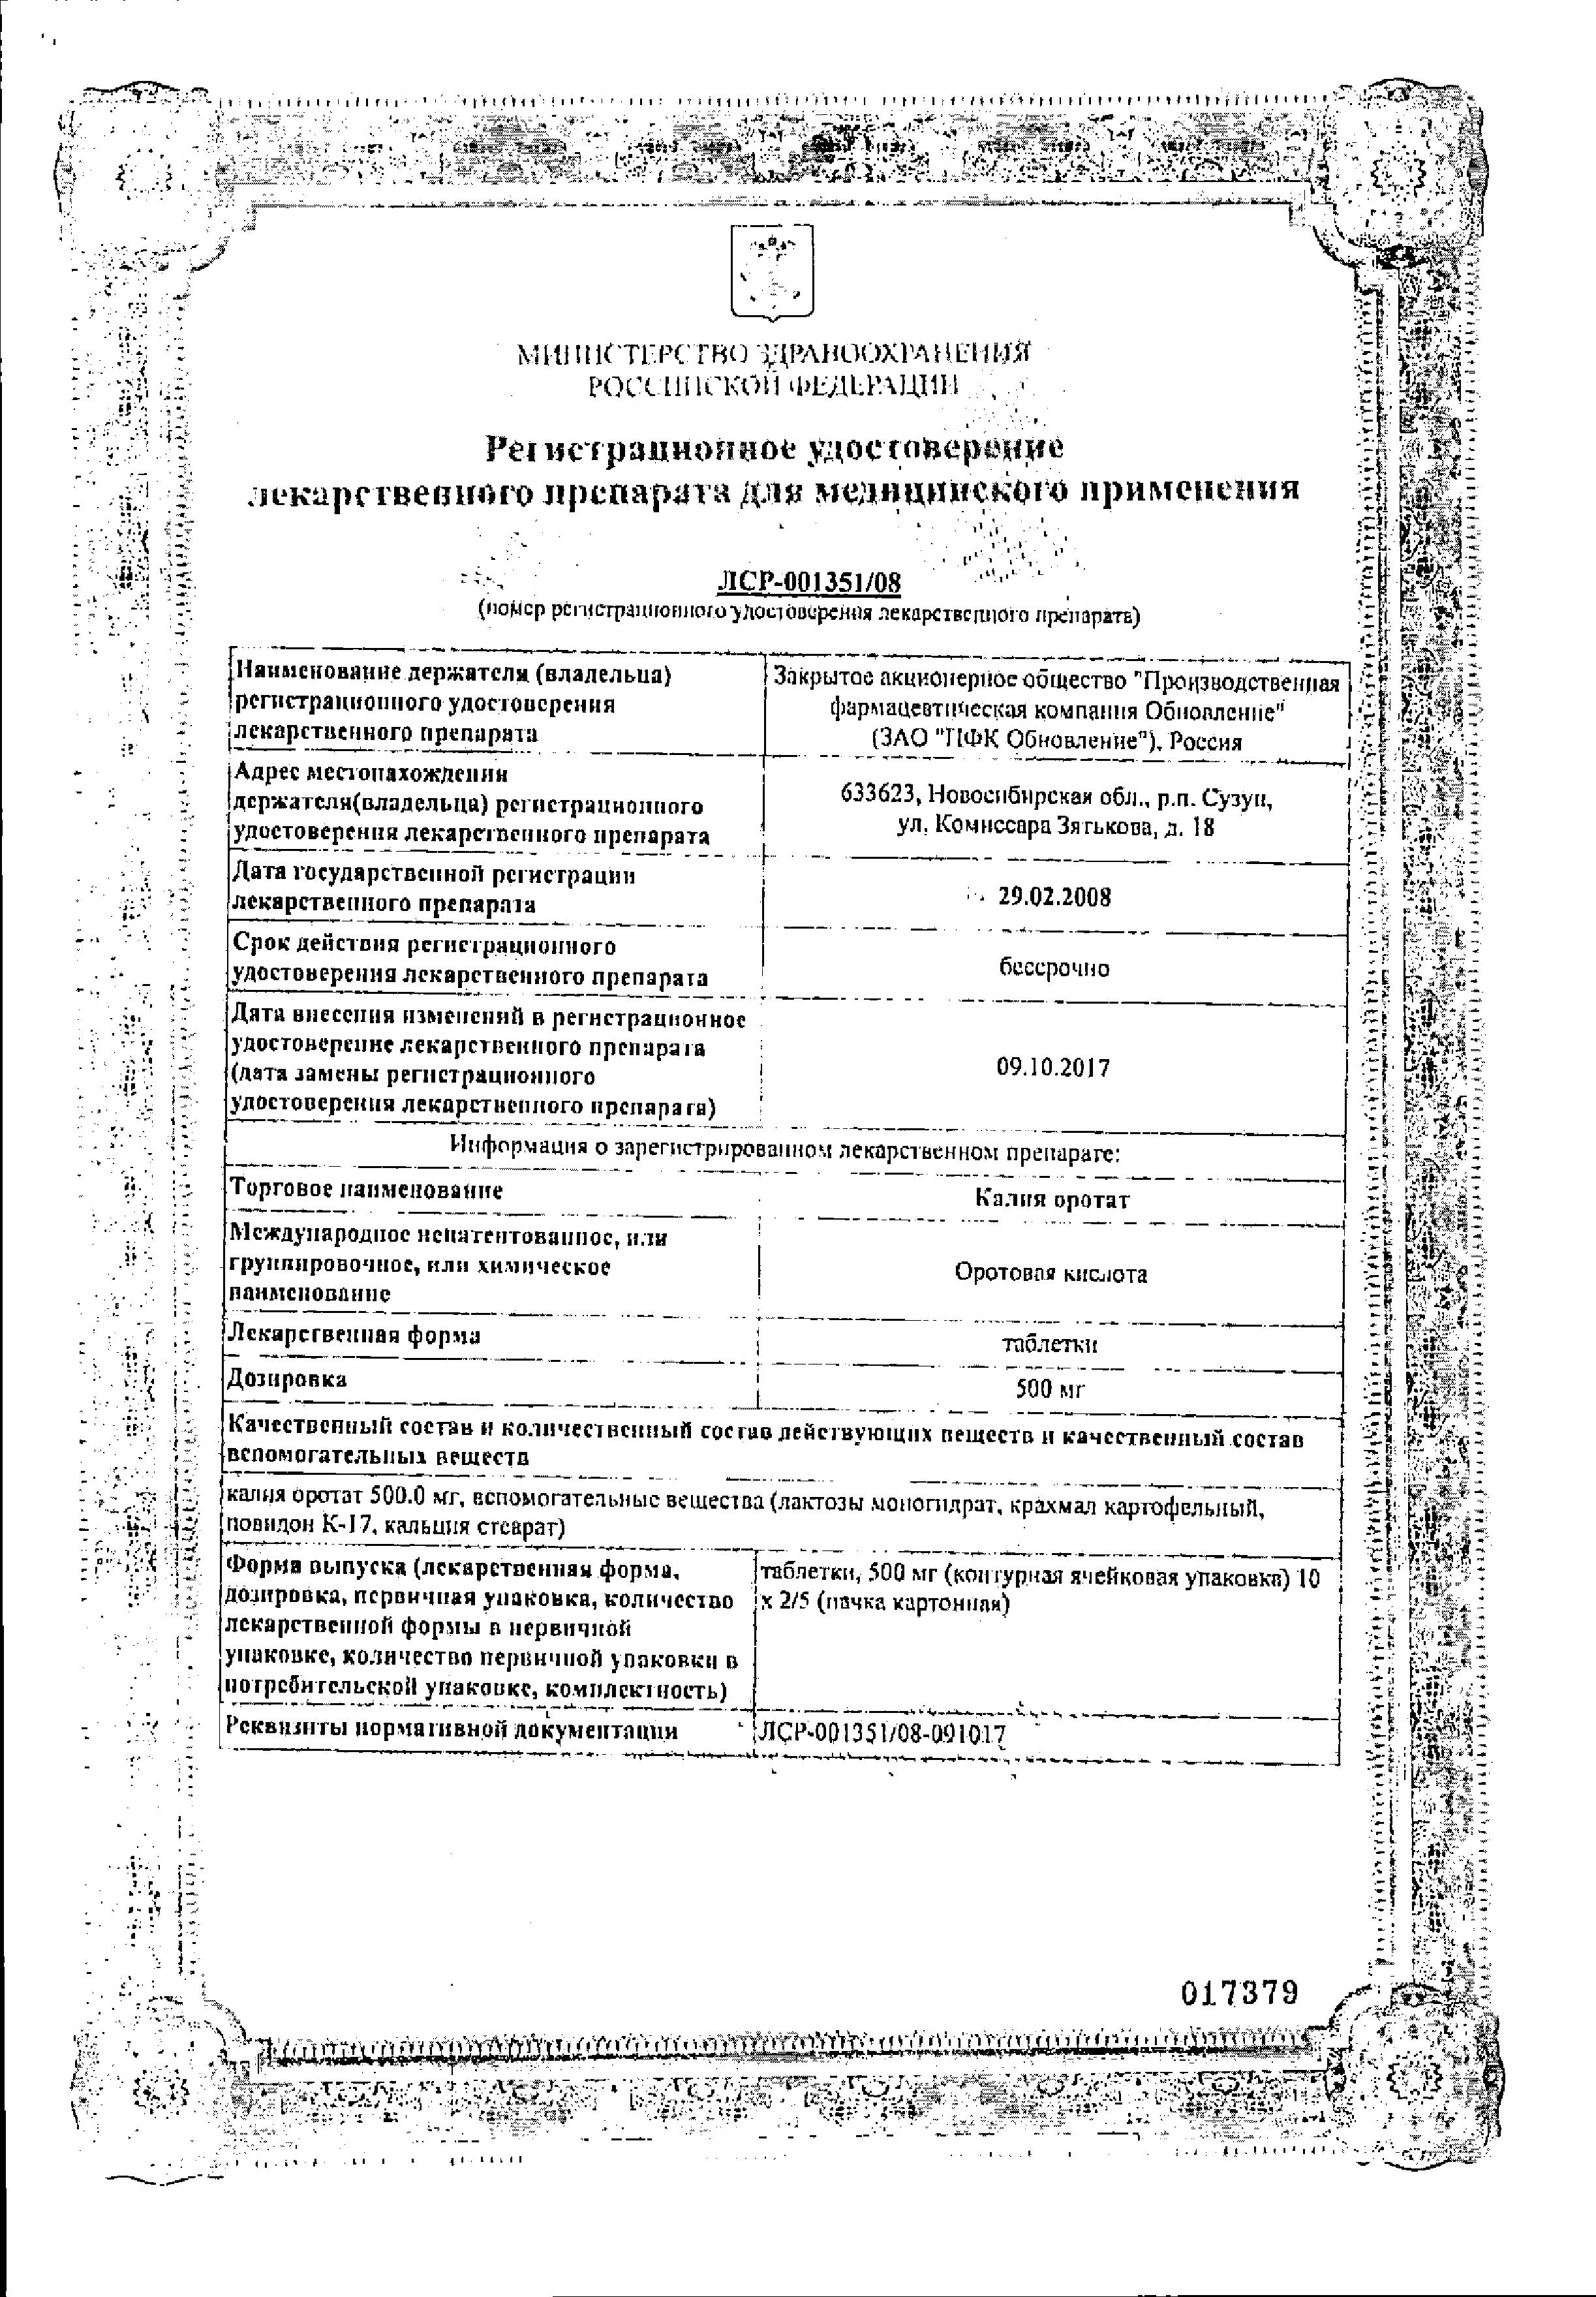 Калия оротат сертификат